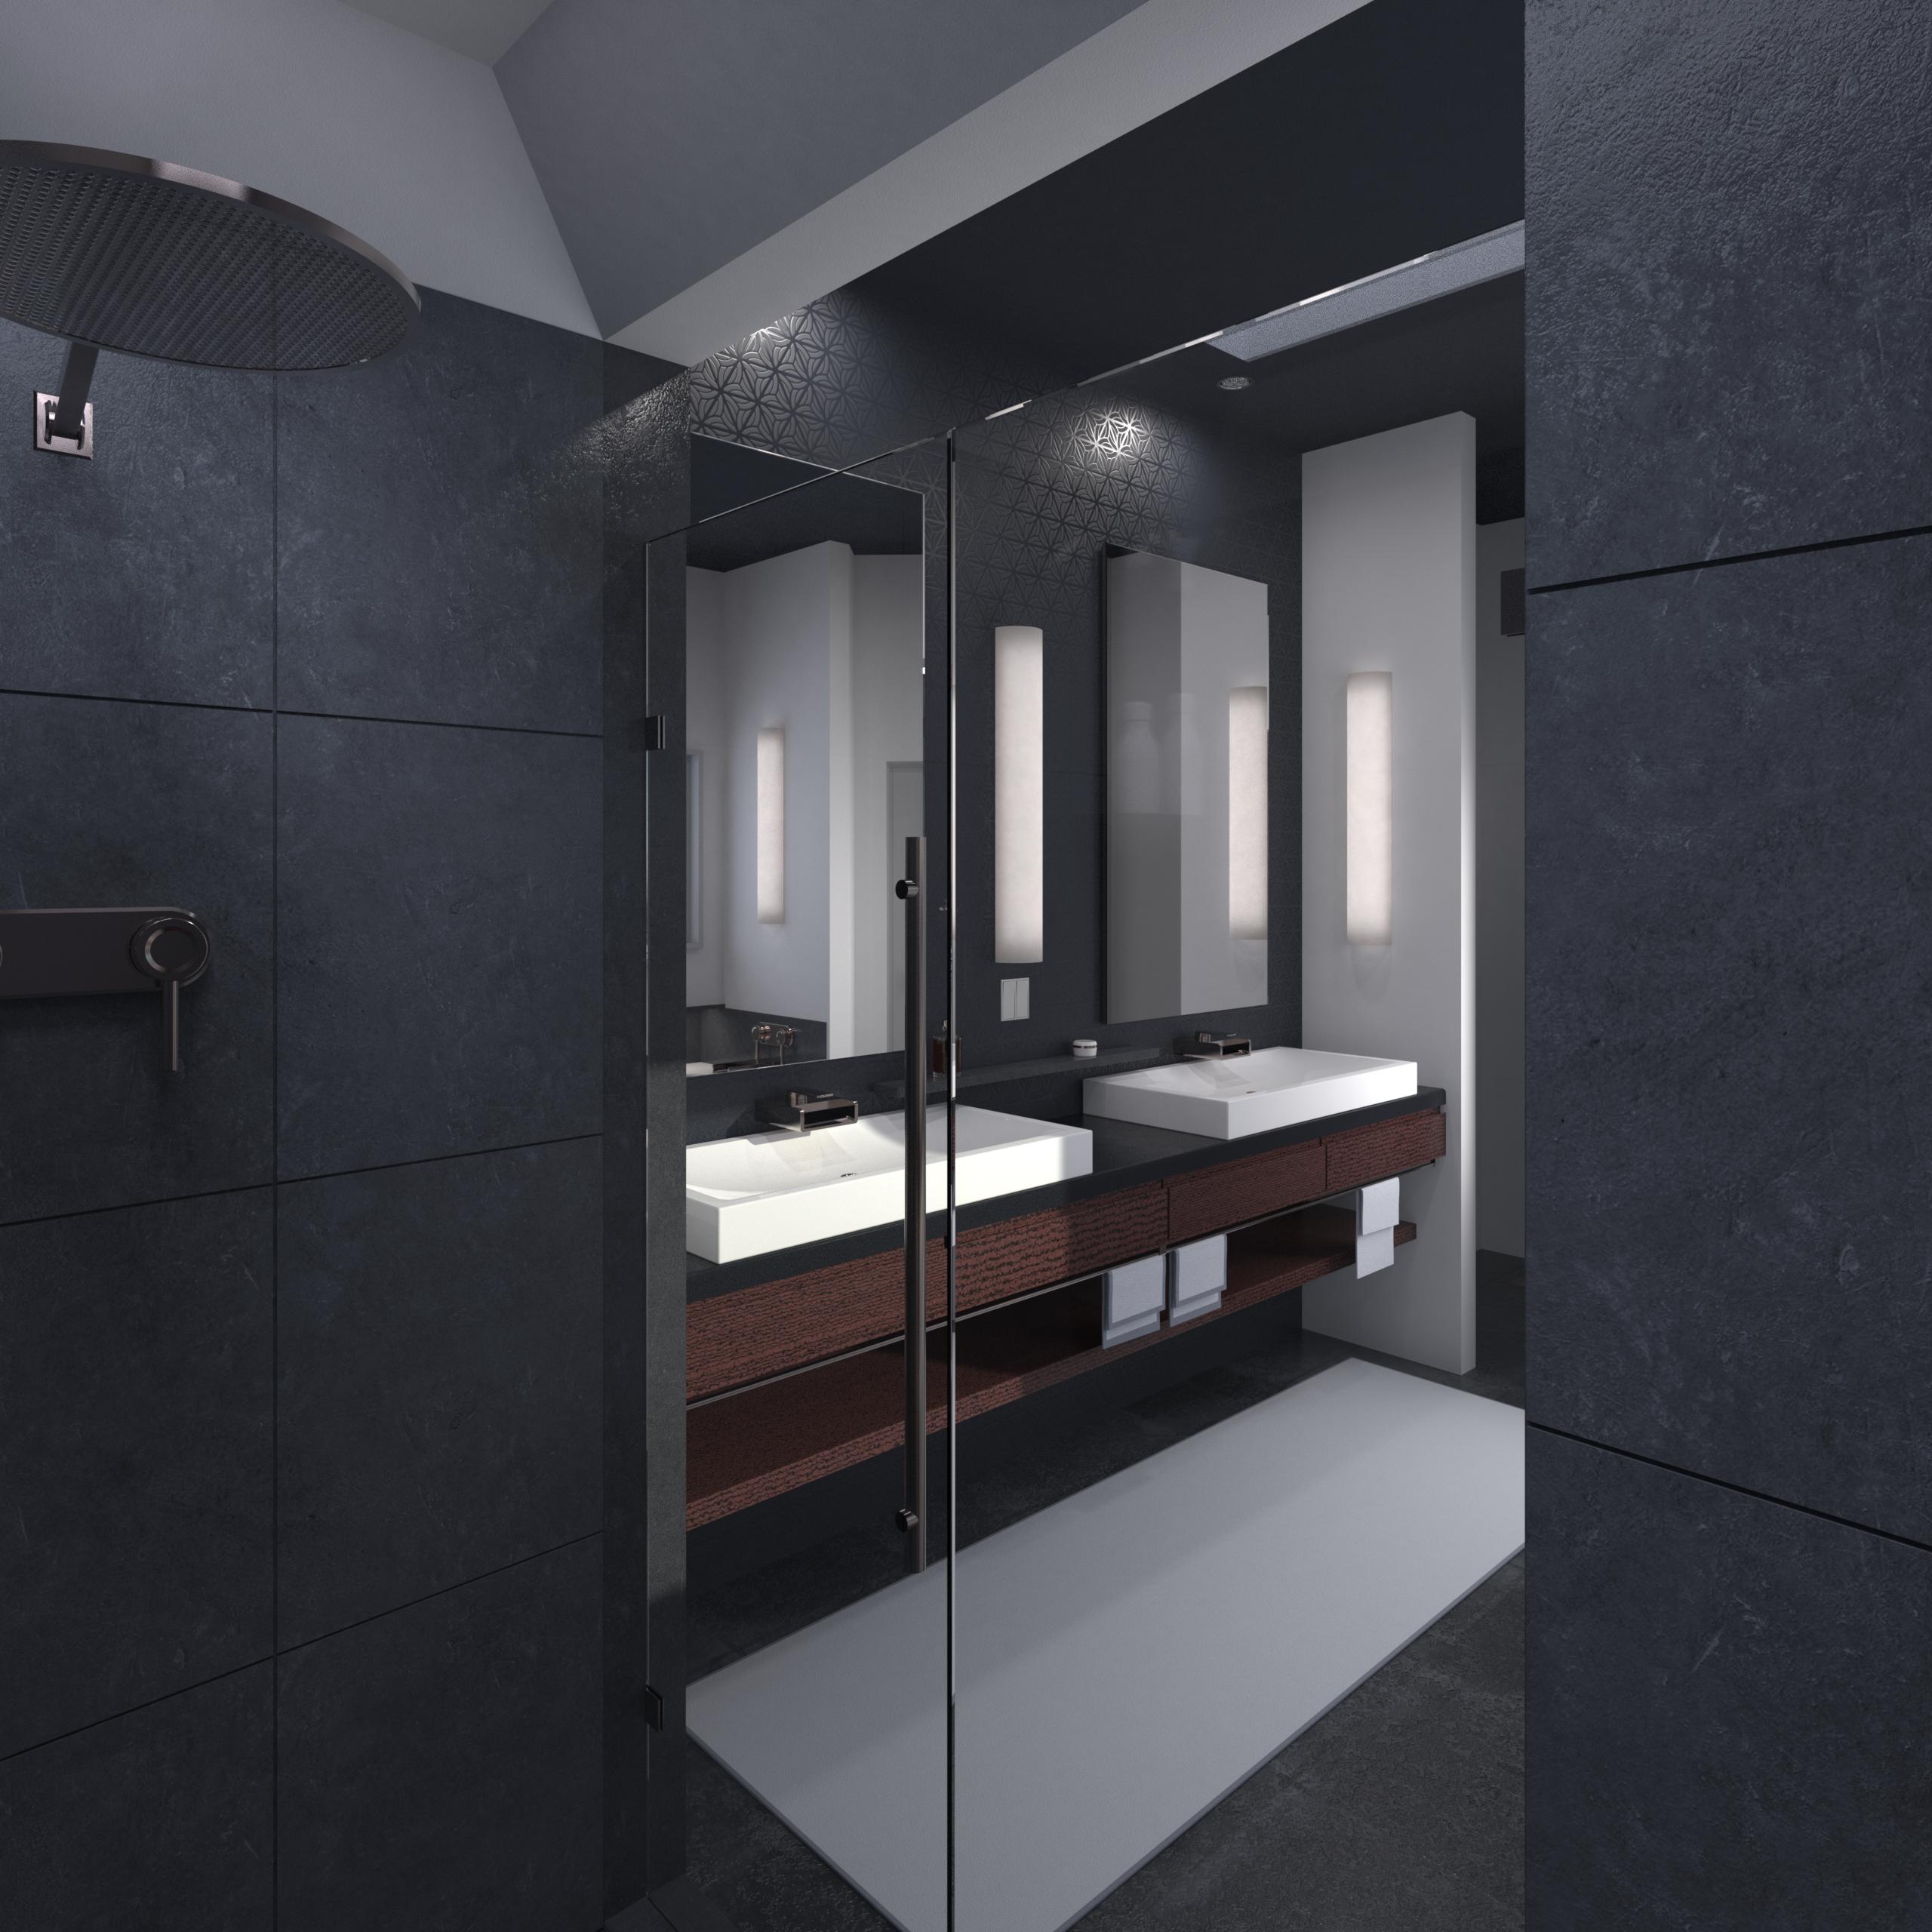 Contemporary Bathroom Interior.52.png PlusPng.com  - Bathroom Interior PNG